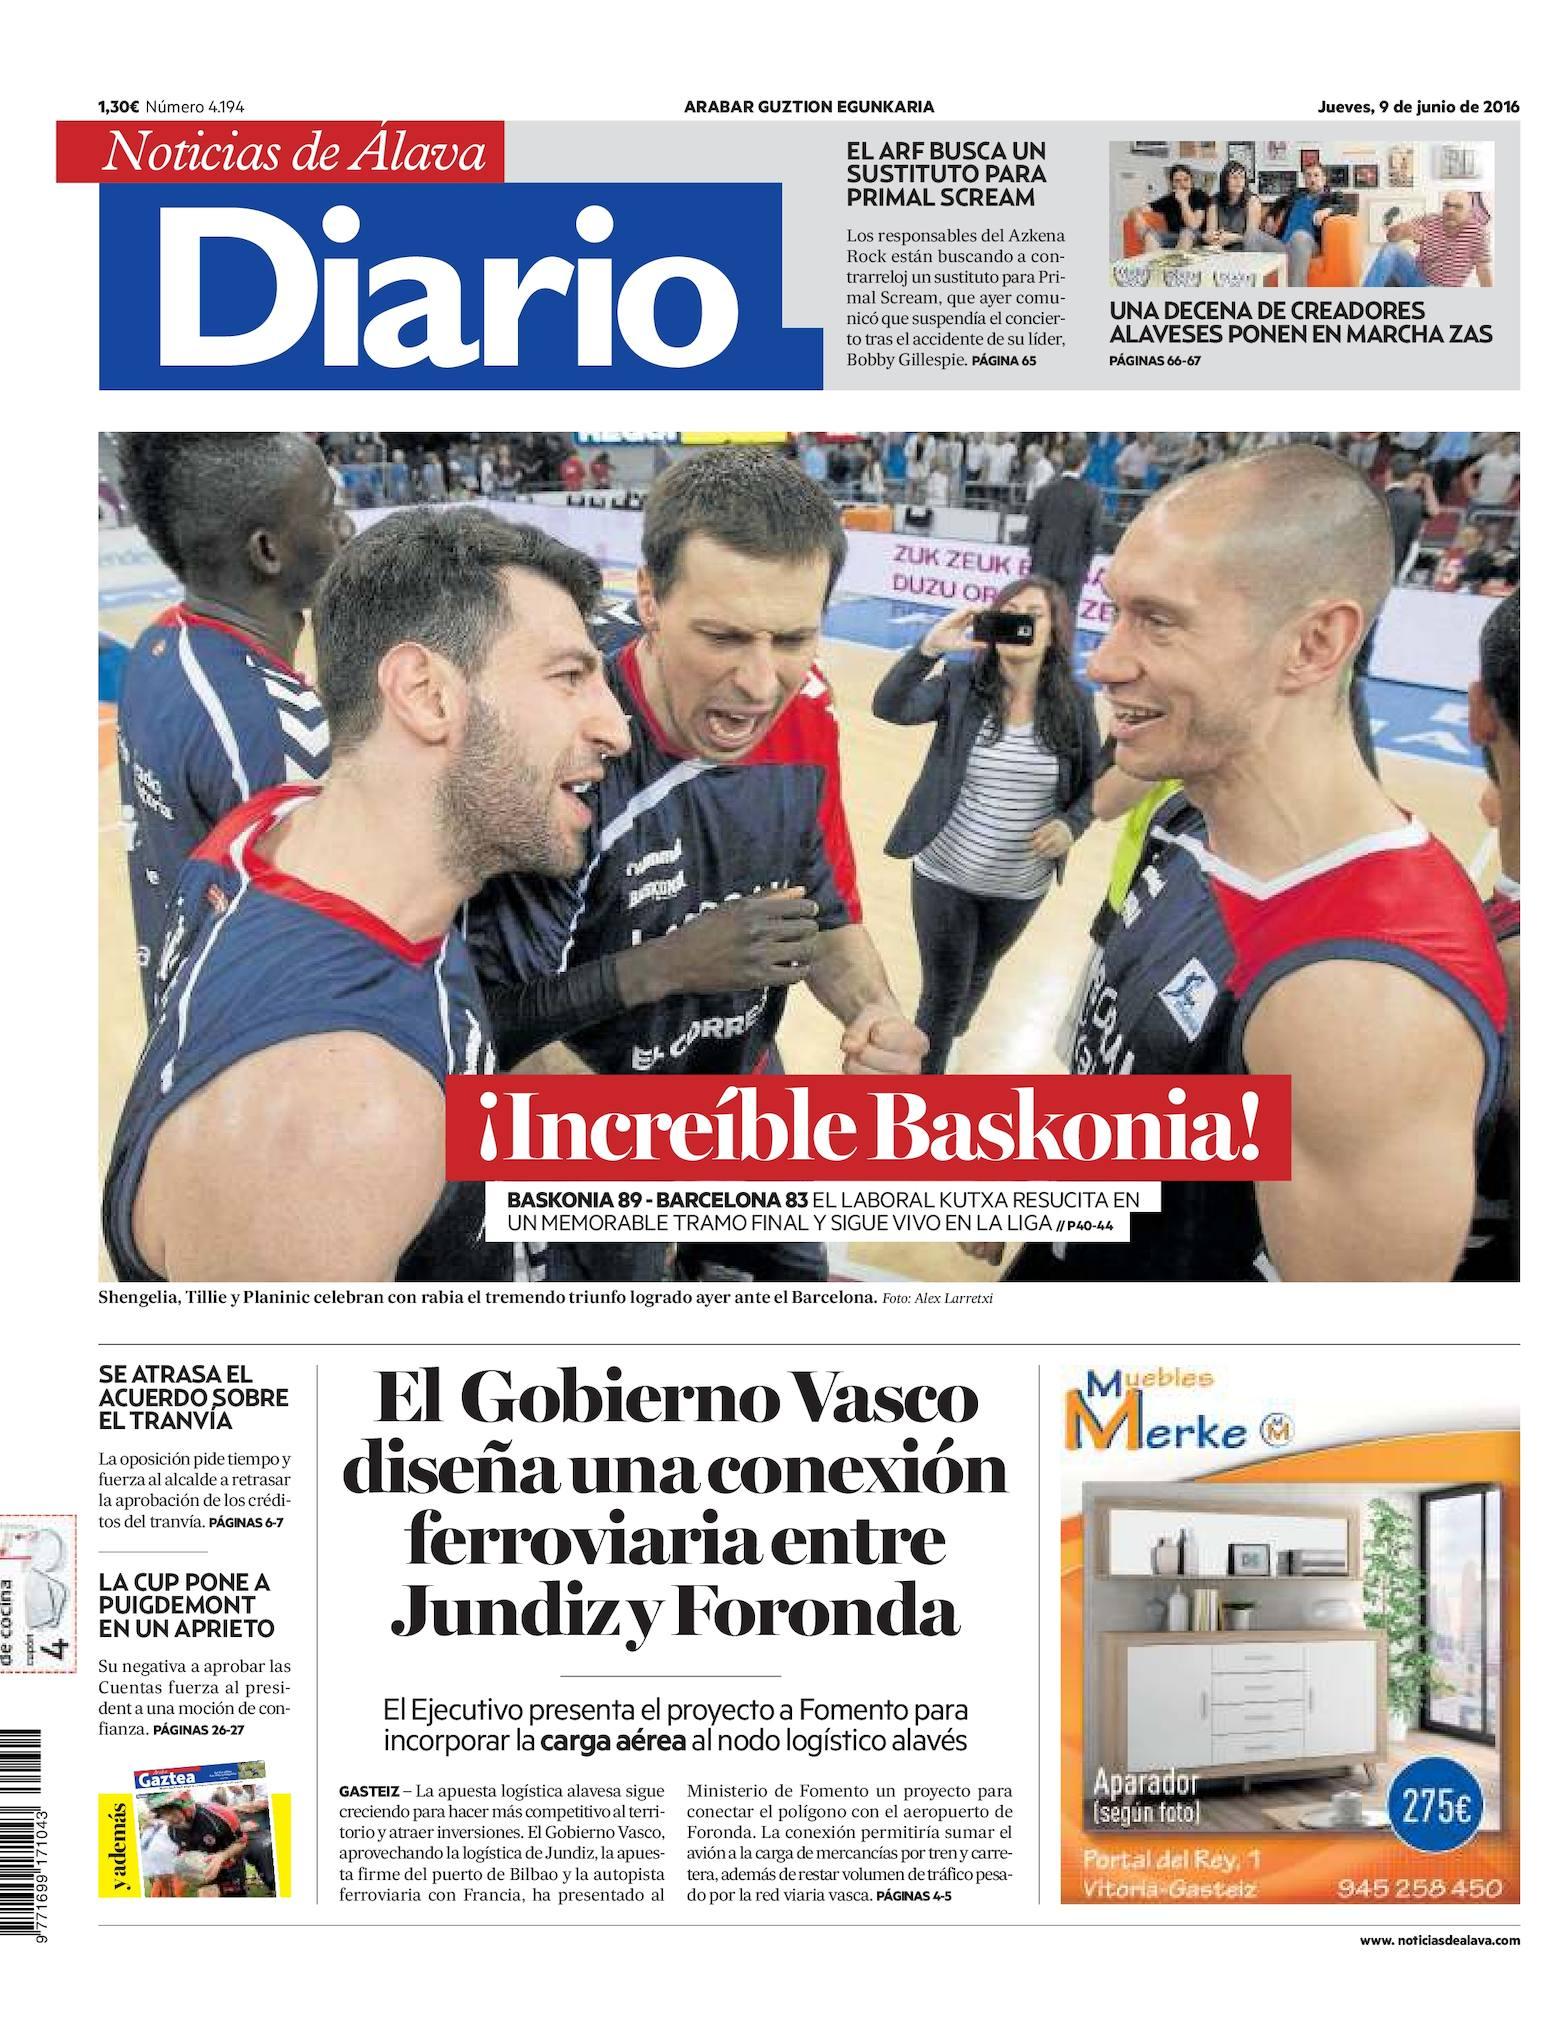 Álava Noticias Diario Calaméo De 20160609 Yfb67gy